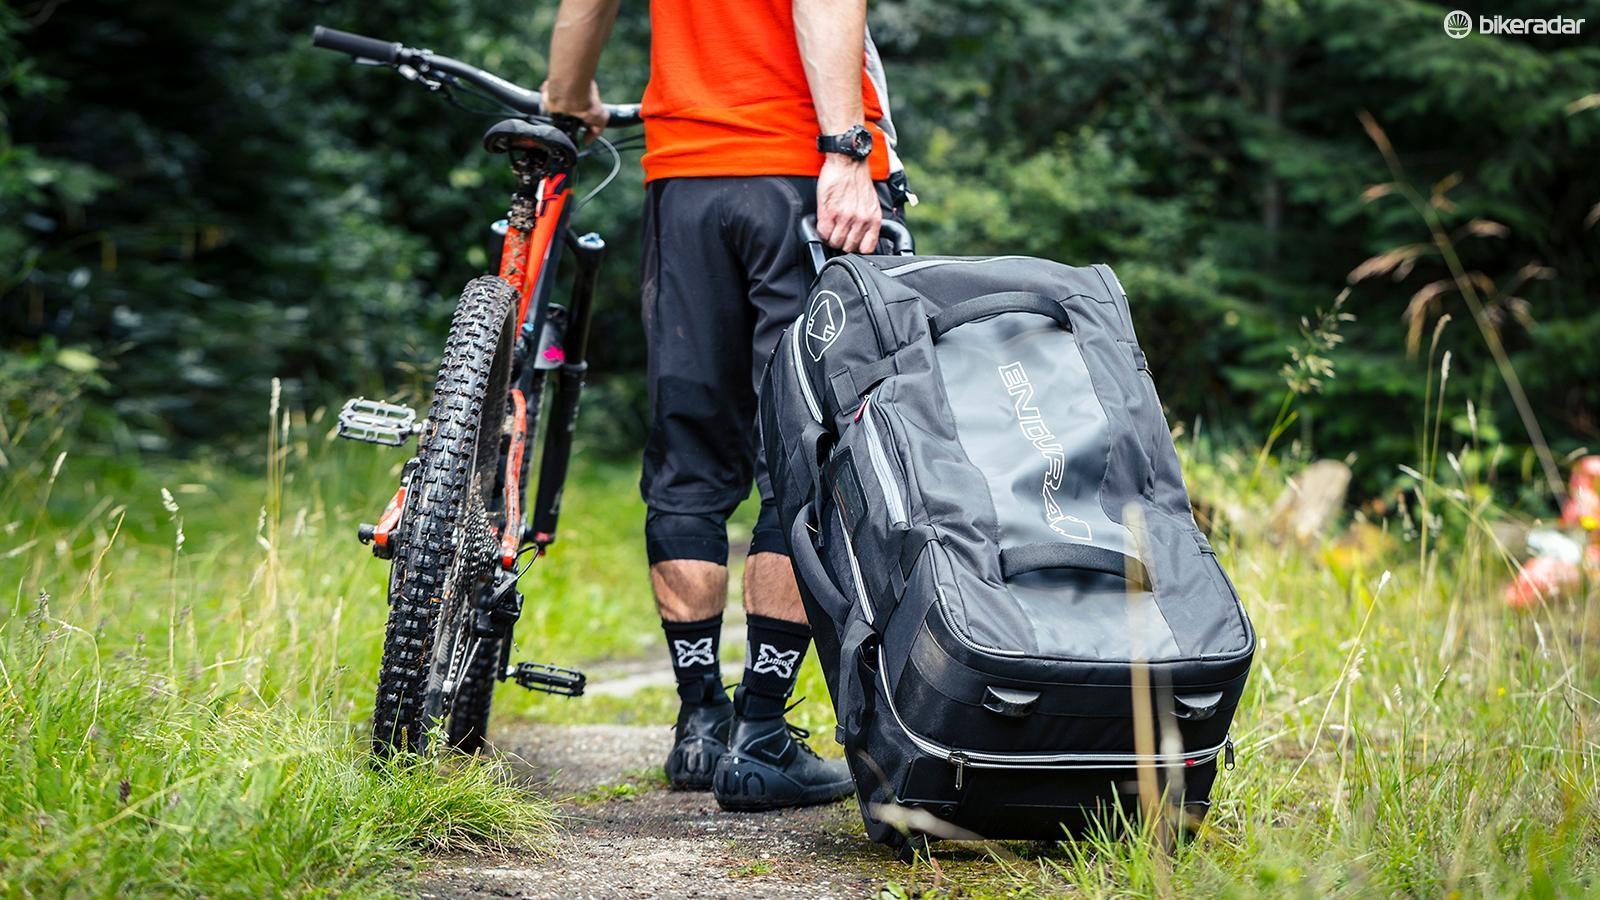 Endura's Roller Kit Bag